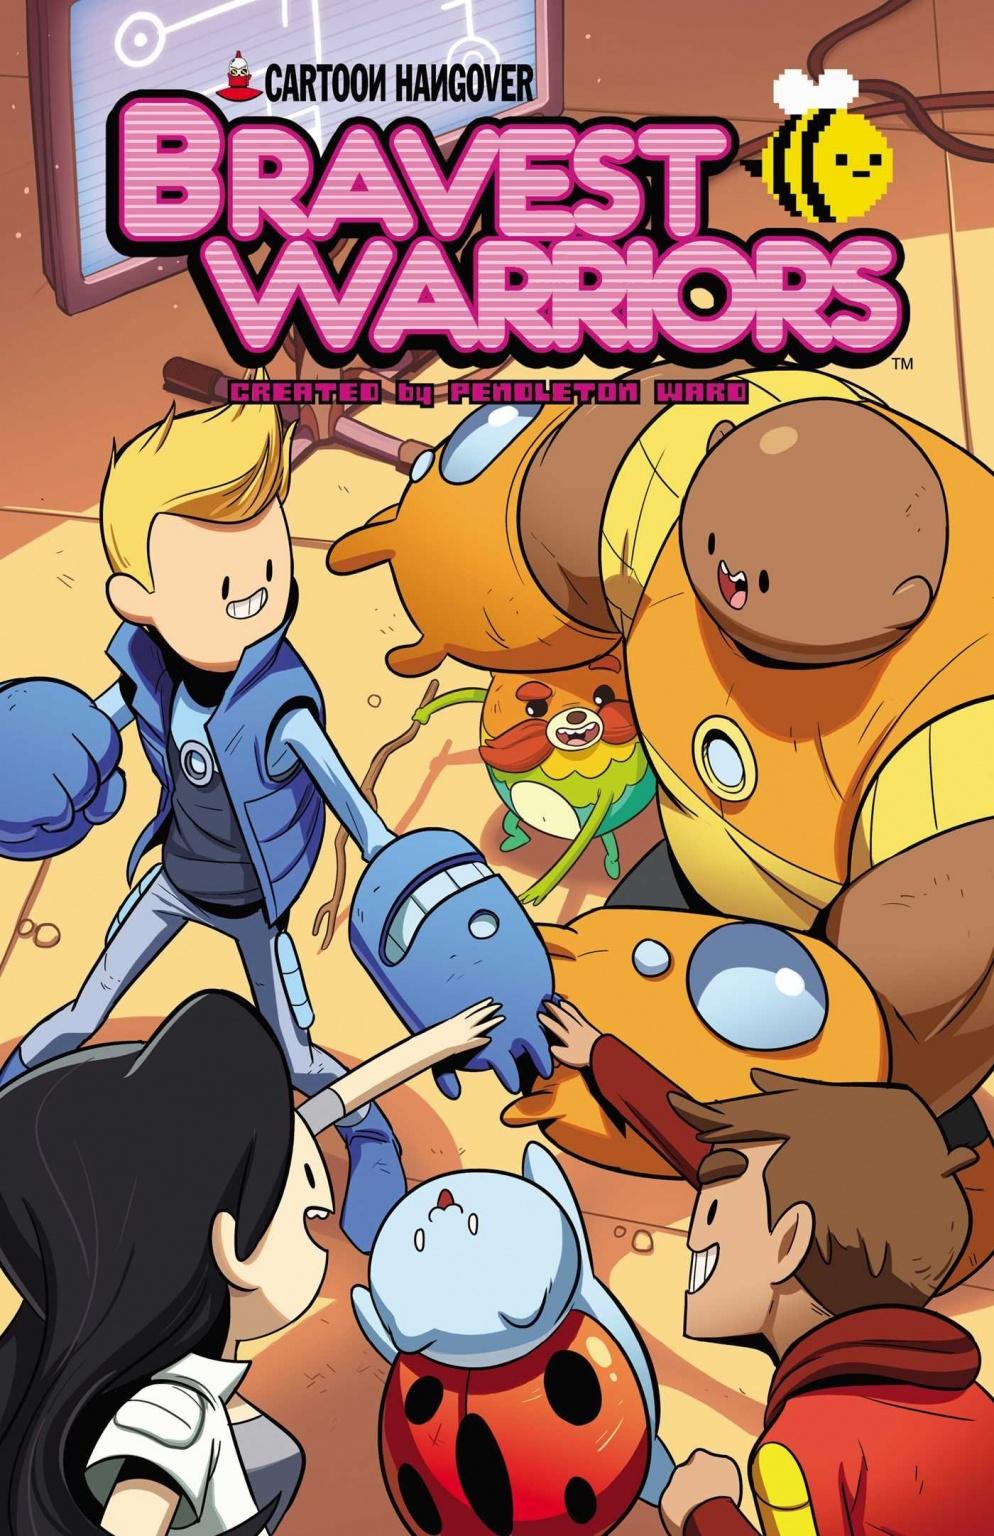 <eM>Bravest Warriors</eM> Vol. 3